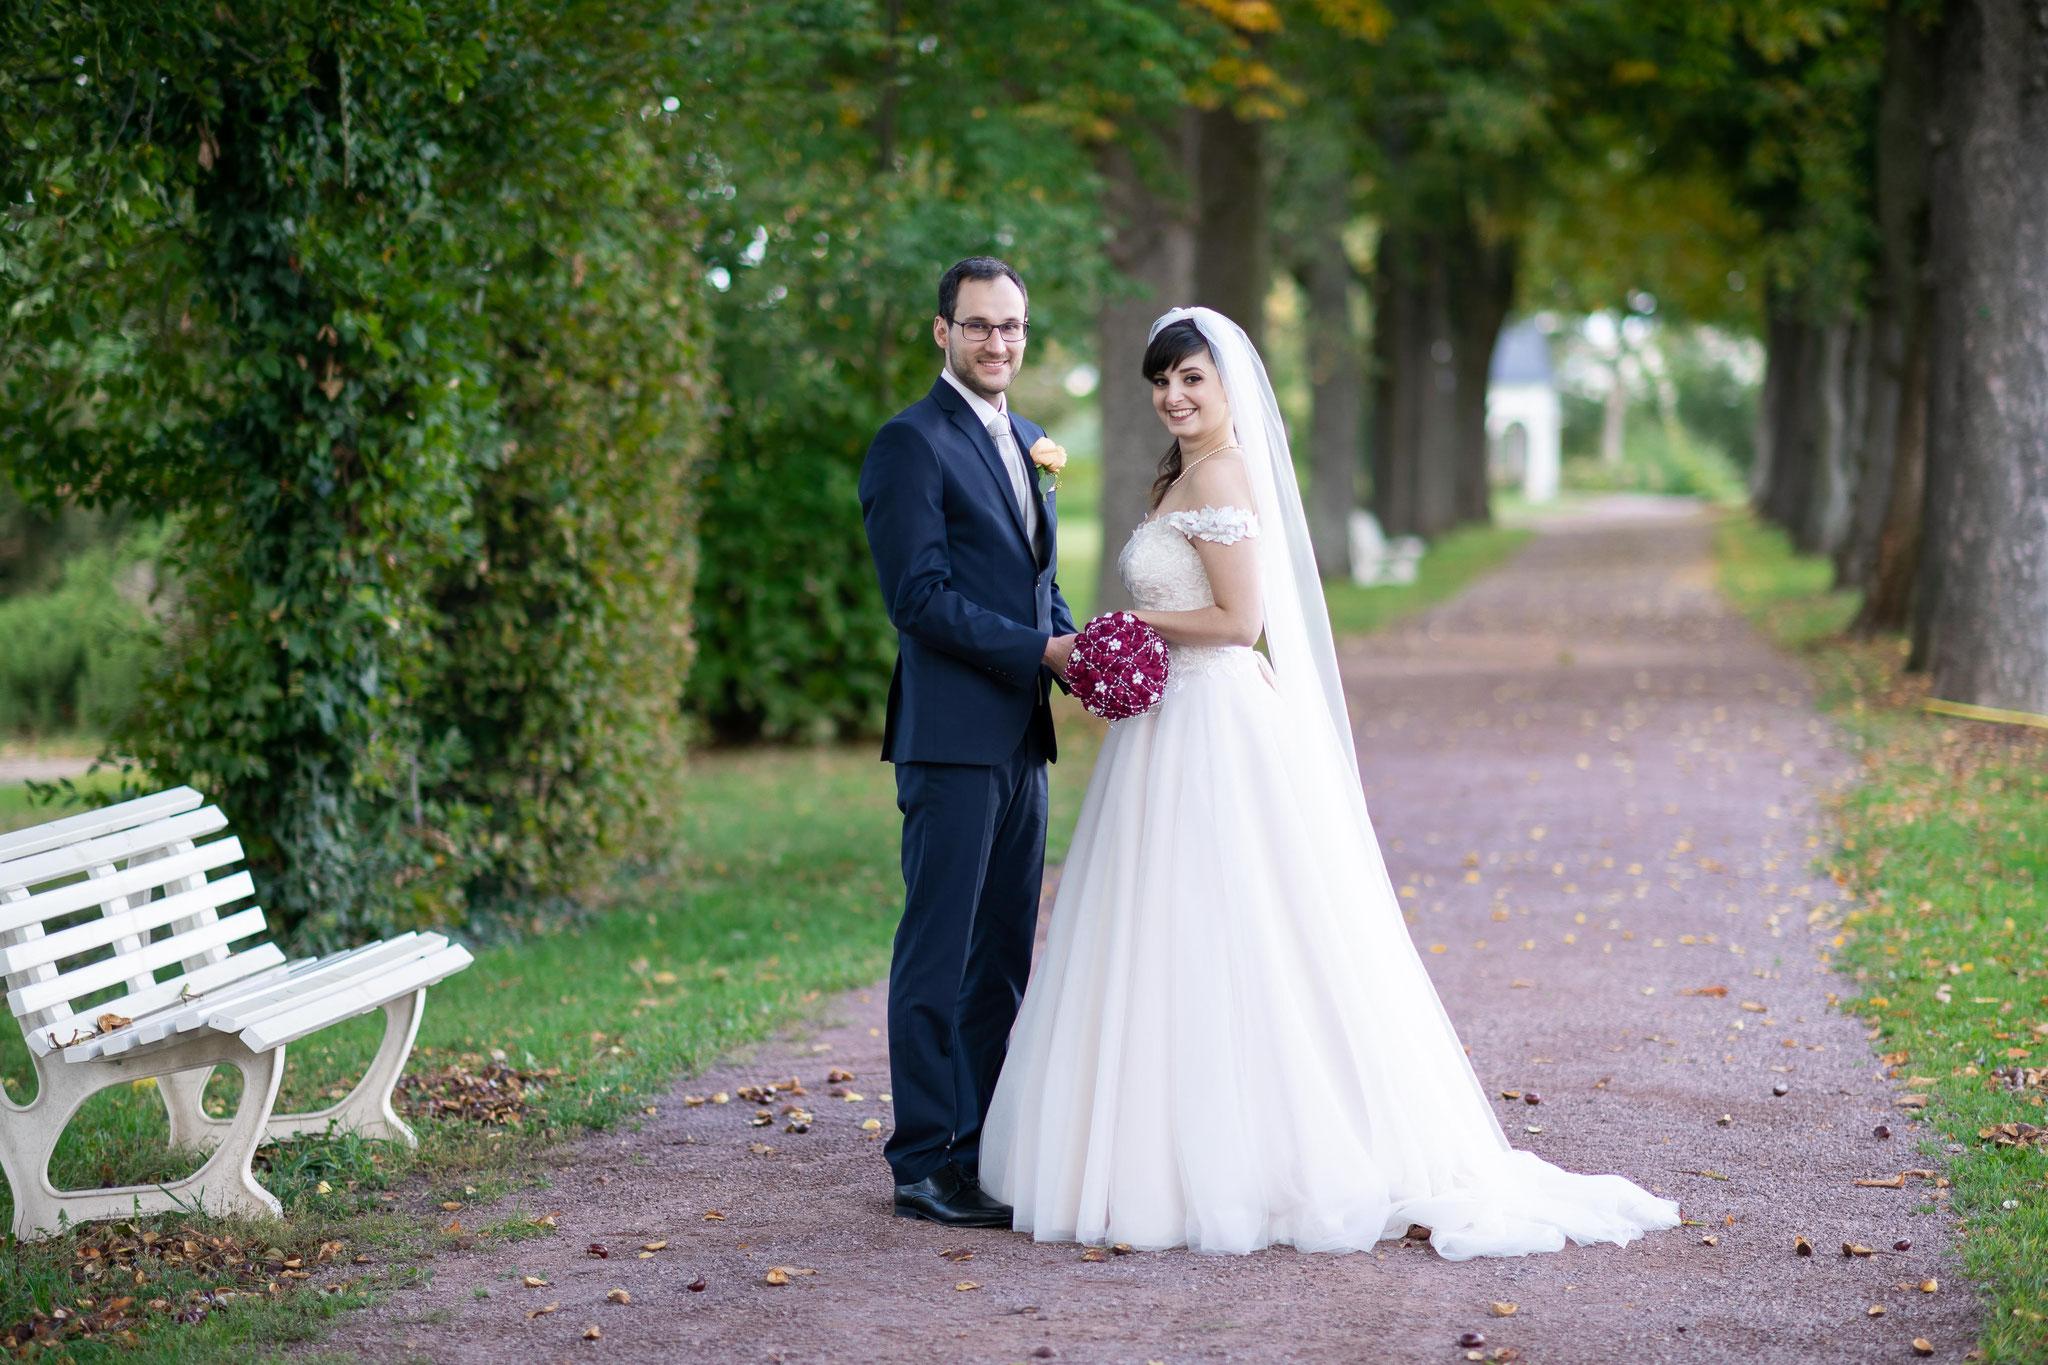 Brautpaarshooting mit Hochzeitsfotograf und Videograf im Garten von Schloss Braunshardt in Weiterstadt